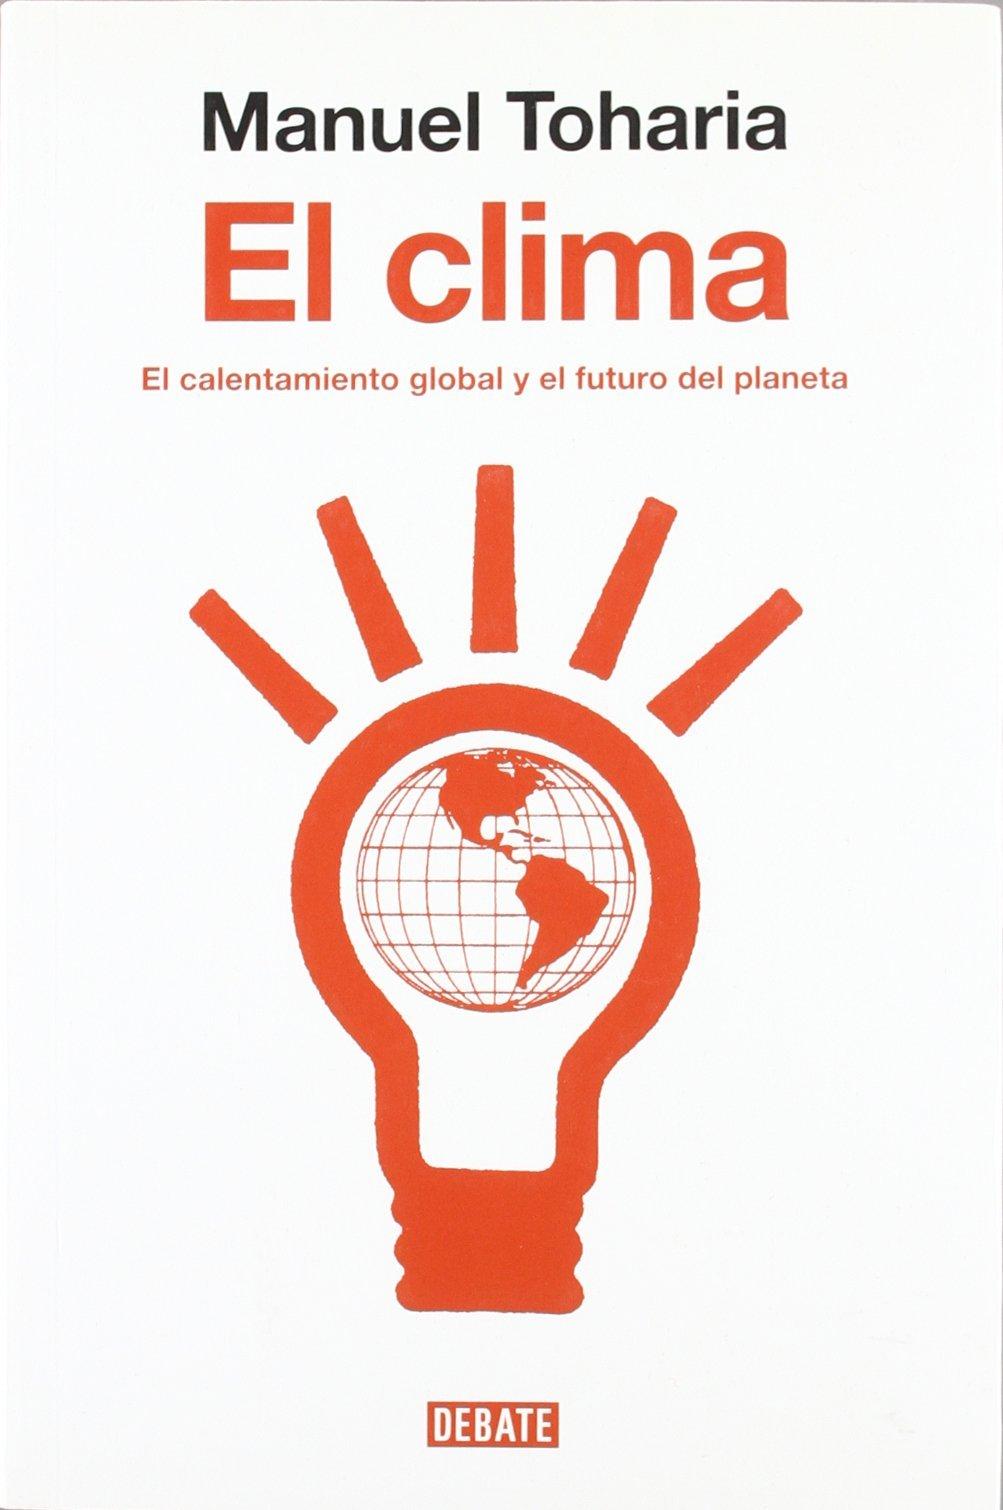 EL CLIMA: EL CALENTAMIENTO GLOBAL Y EL FUTURO DEL PLANETA.